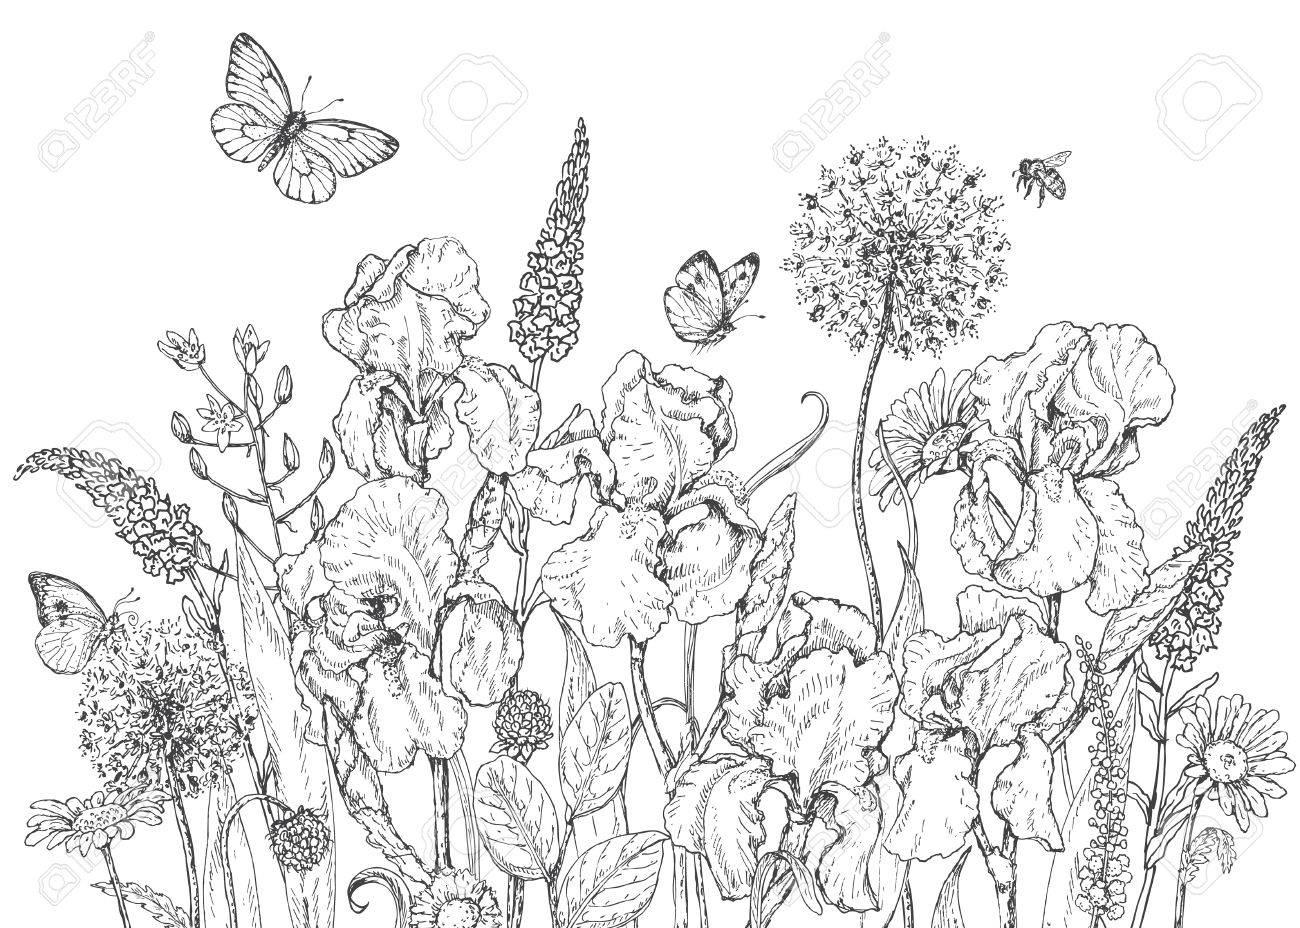 Coloriage Fleur Insecte.Main Illustration Ligne Tracee Avec L Iris Les Fleurs Sauvages Et